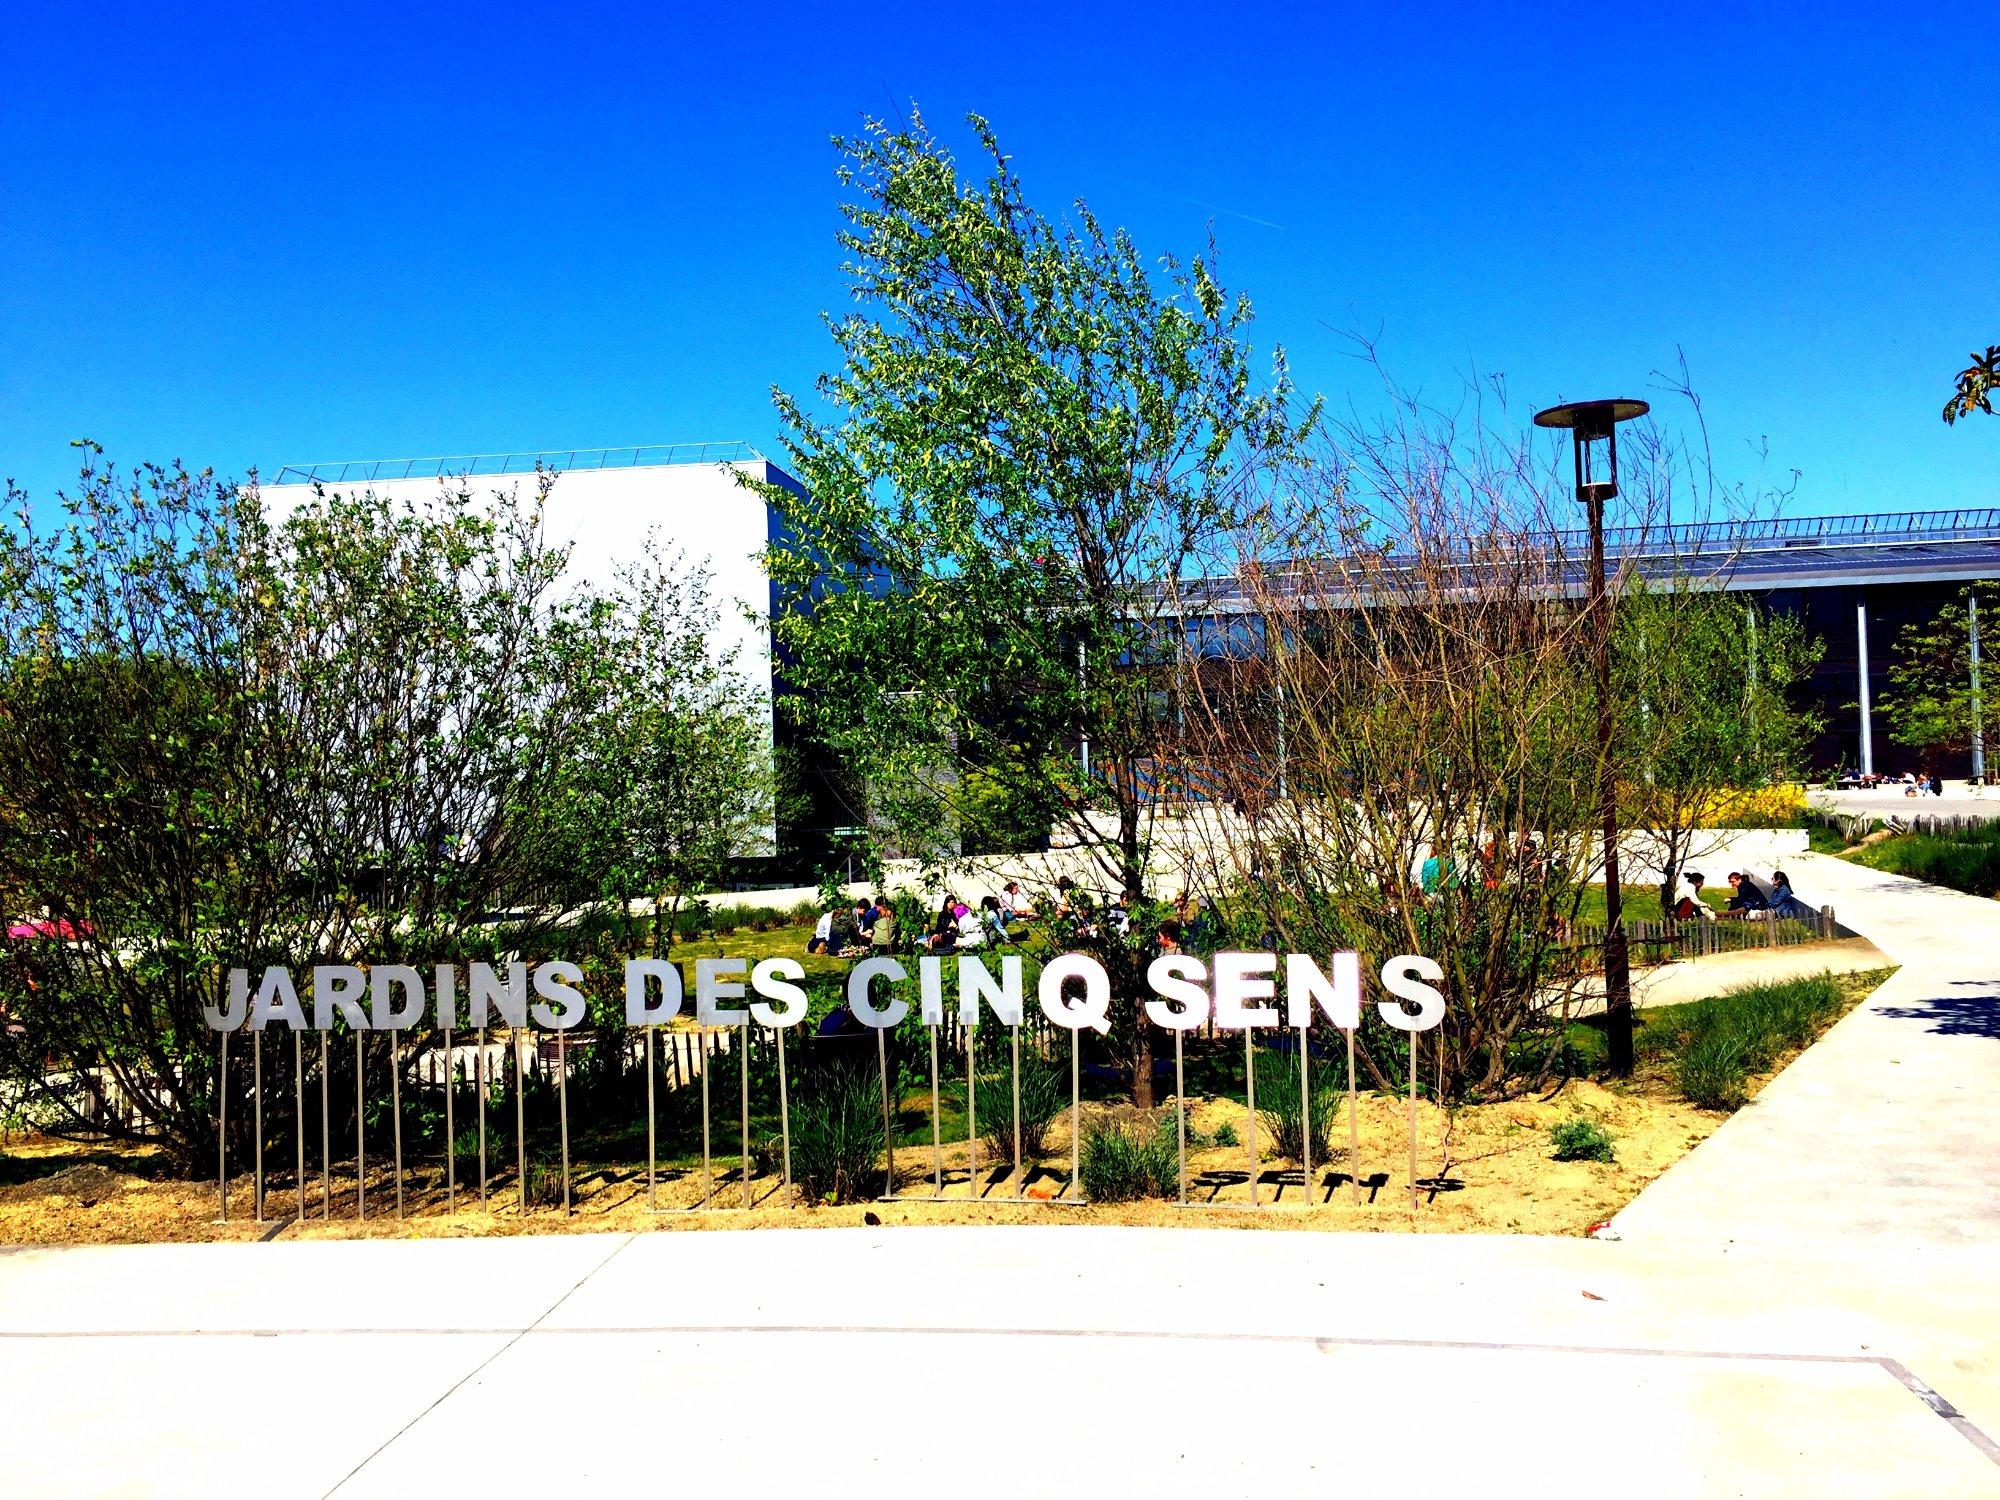 Jardin des cinq sens nantes ce qu 39 il faut savoir pour for Jardin 44 des 5 sens